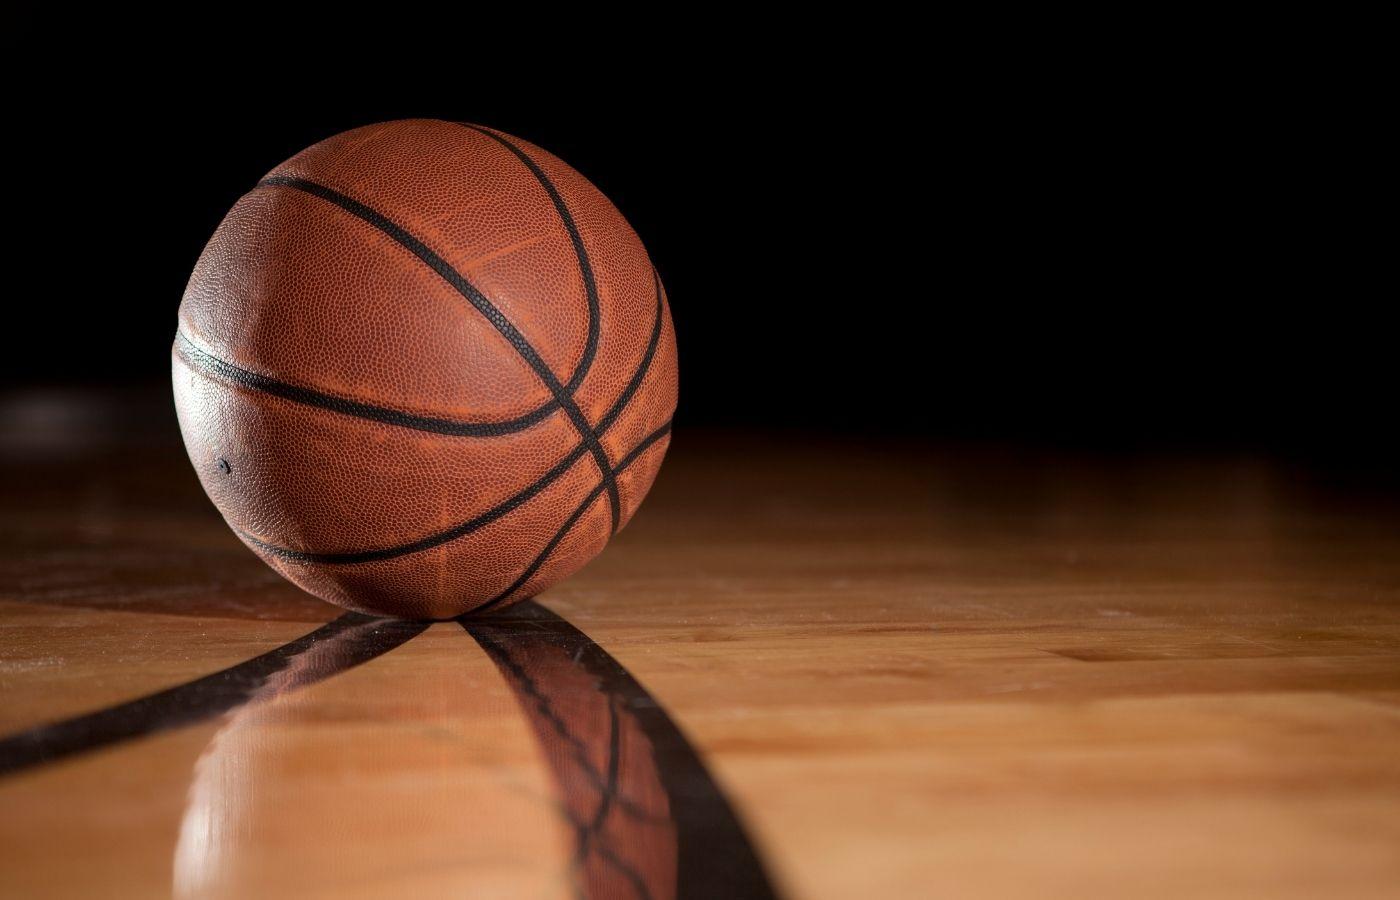 Proč je Jordan nejvíc vydělávajícím sportovcem | Sportbiz